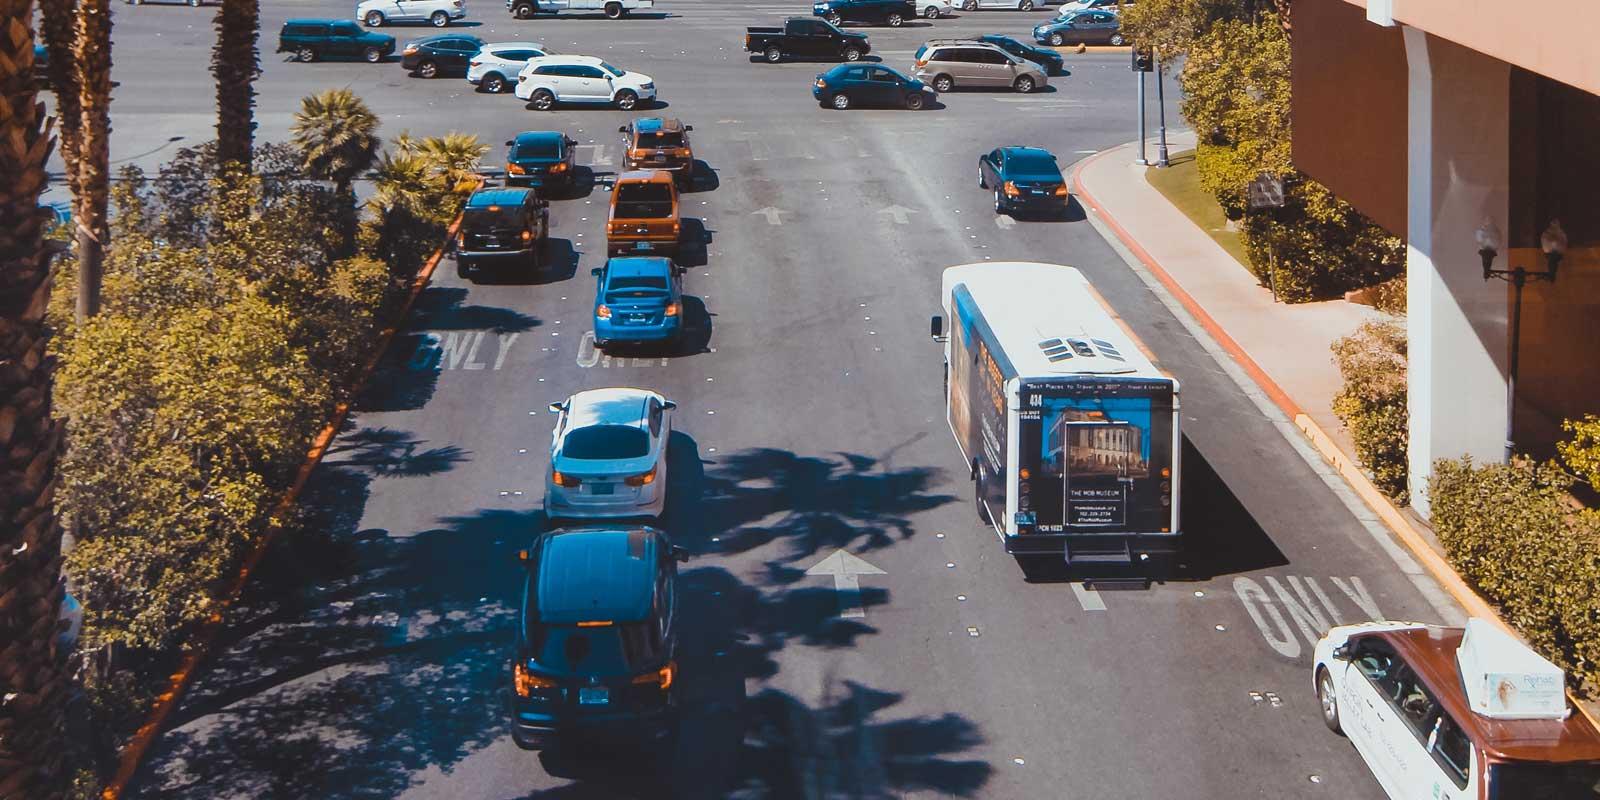 Landscape photo of traffic on a street in Las Vegas.